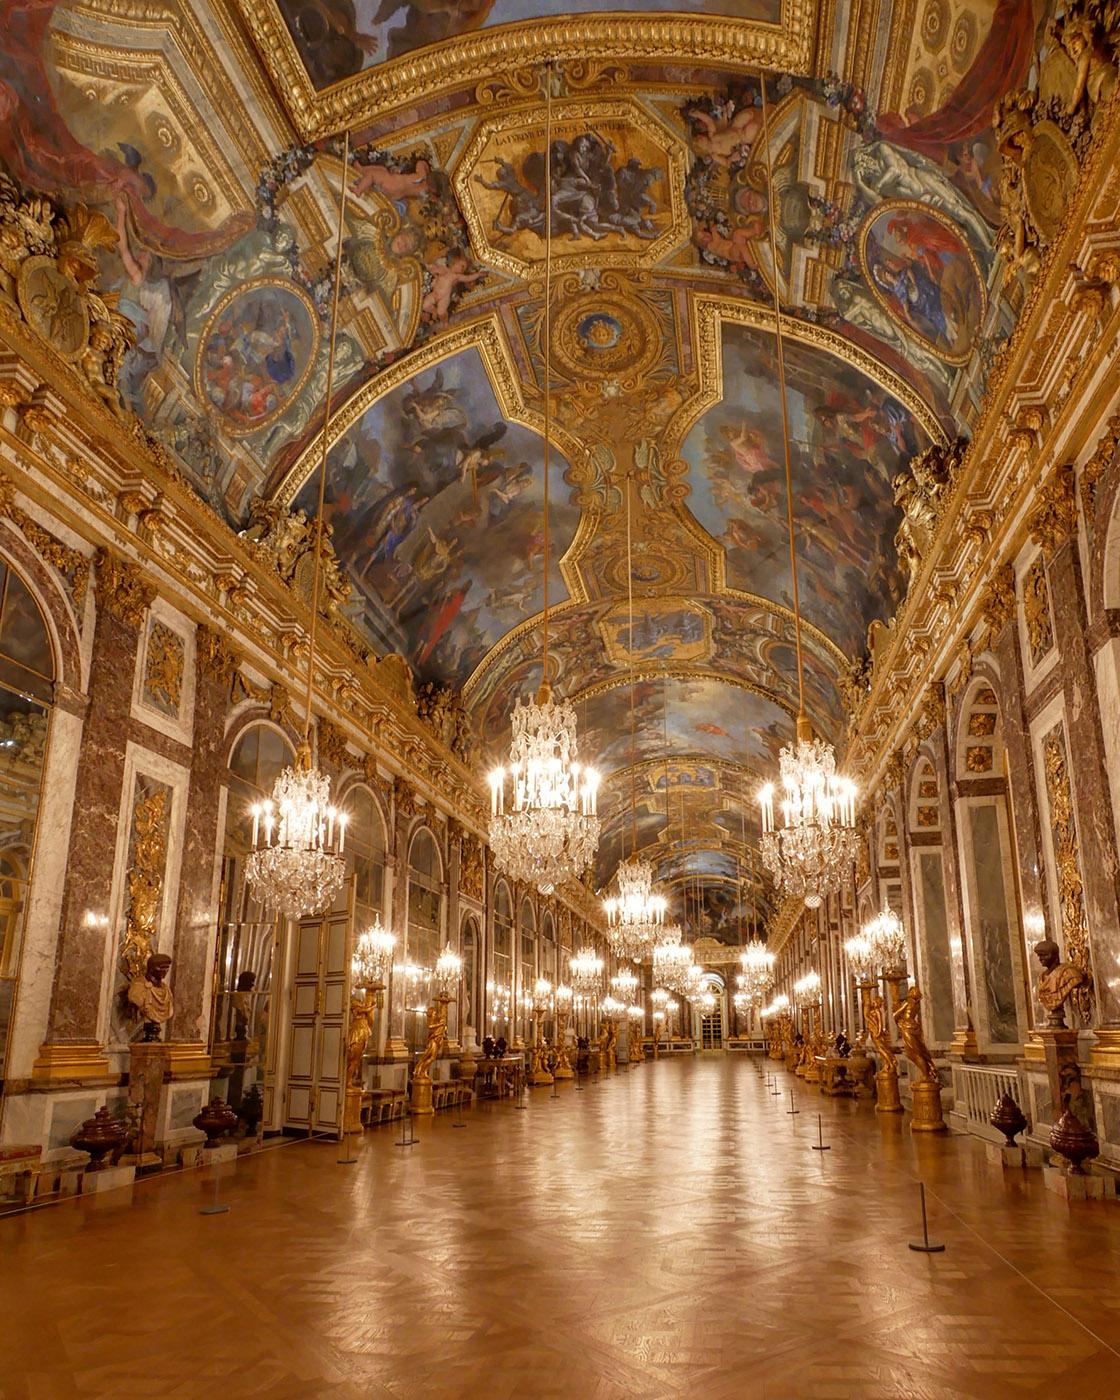 鏡の回廊 天井 シャルル・ル・ブラン